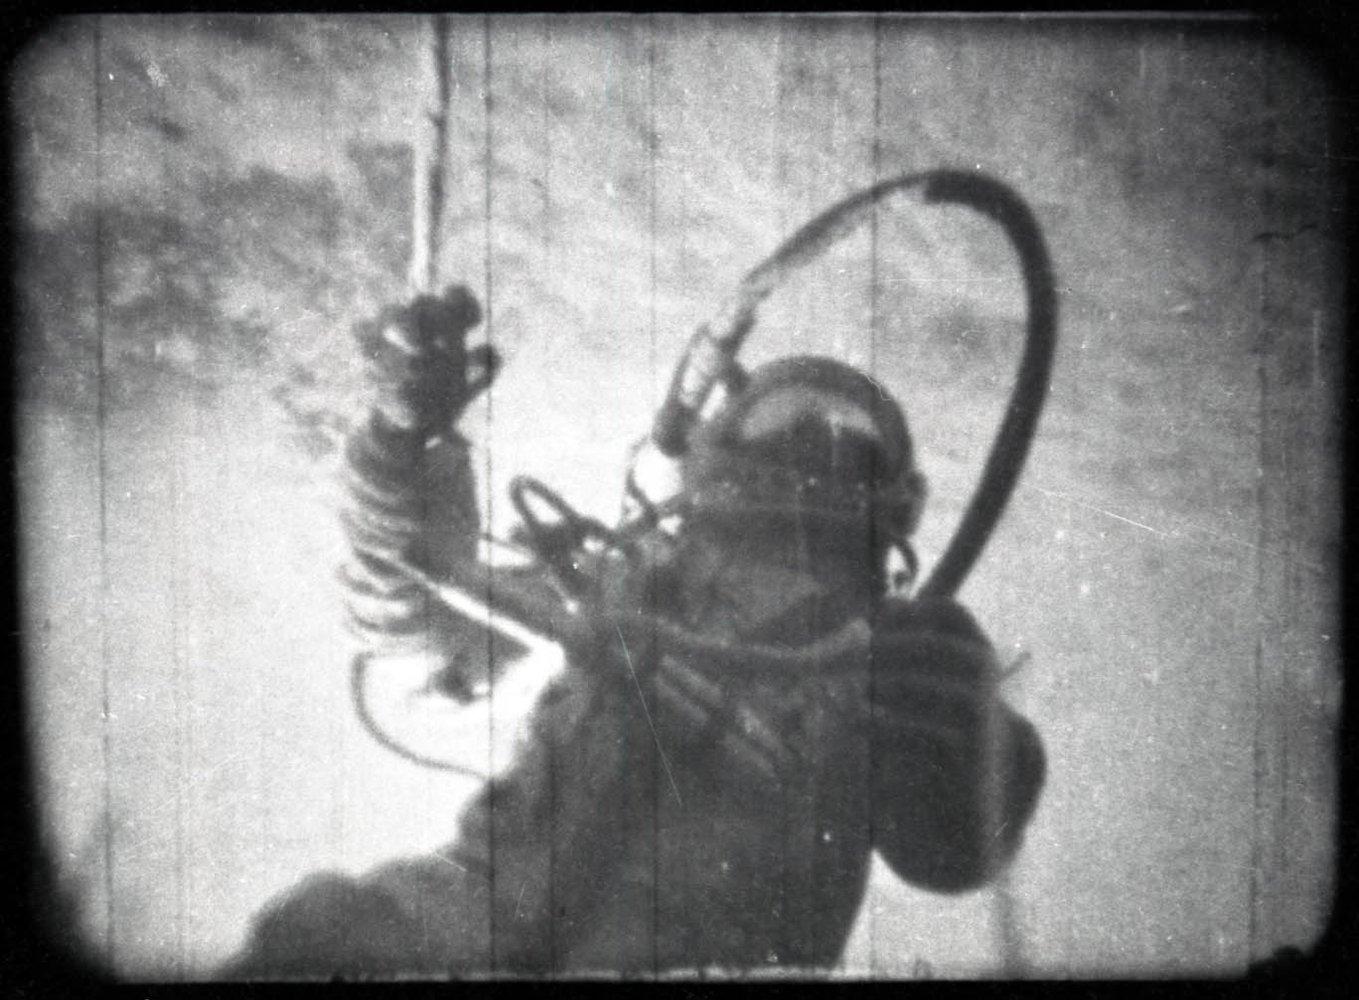 Розсекречено документи про перший вихід людини у відкритий космос -  - 20 kosmos